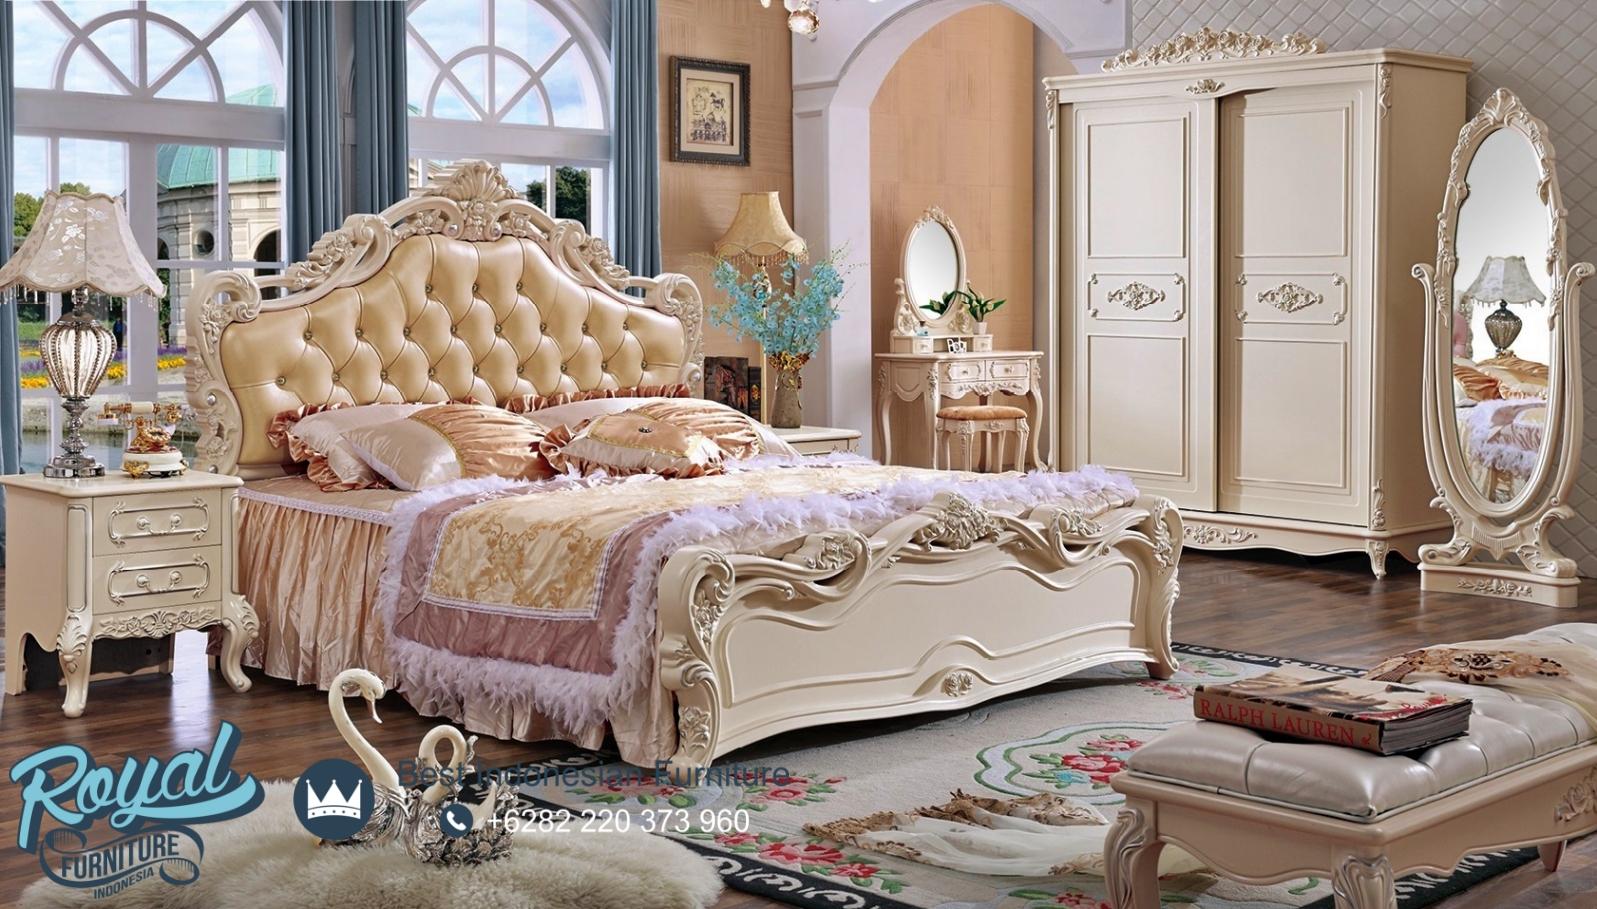 Kamar Tidur Modern Putih Duco Ukiran Jepara Bruge, kamar mewah klasik, tempat tidur mewah ukir jepara, gambar tempat tidur mewah minimalis, tempat tidur mewah kayu jati, tempat tidur kayu mewah, kamar mewah modern, set tempat tidur mewah, desain kamar mewah elegan, gambar kamar tidur mewah dan luas, glamor kamar tidur mewah, tempat tidur mewah warna putih, tempat tidur minimalis modern, kamar tidur utama, jual tempat tidur mewah jepara, desain interior kamar tidur klasik, dipan jati, interior kamar tidur mewah klasik, tempat tidur jati klasik, tempat tidur jati ukir, tempat tidur jati mewah, model kamar set pengantin terbaru, kamar set jepara model terbaru, kamar set minimalis putih duco, kamar set modern terbaru, set kamar jati mewah, royal furniture jepara